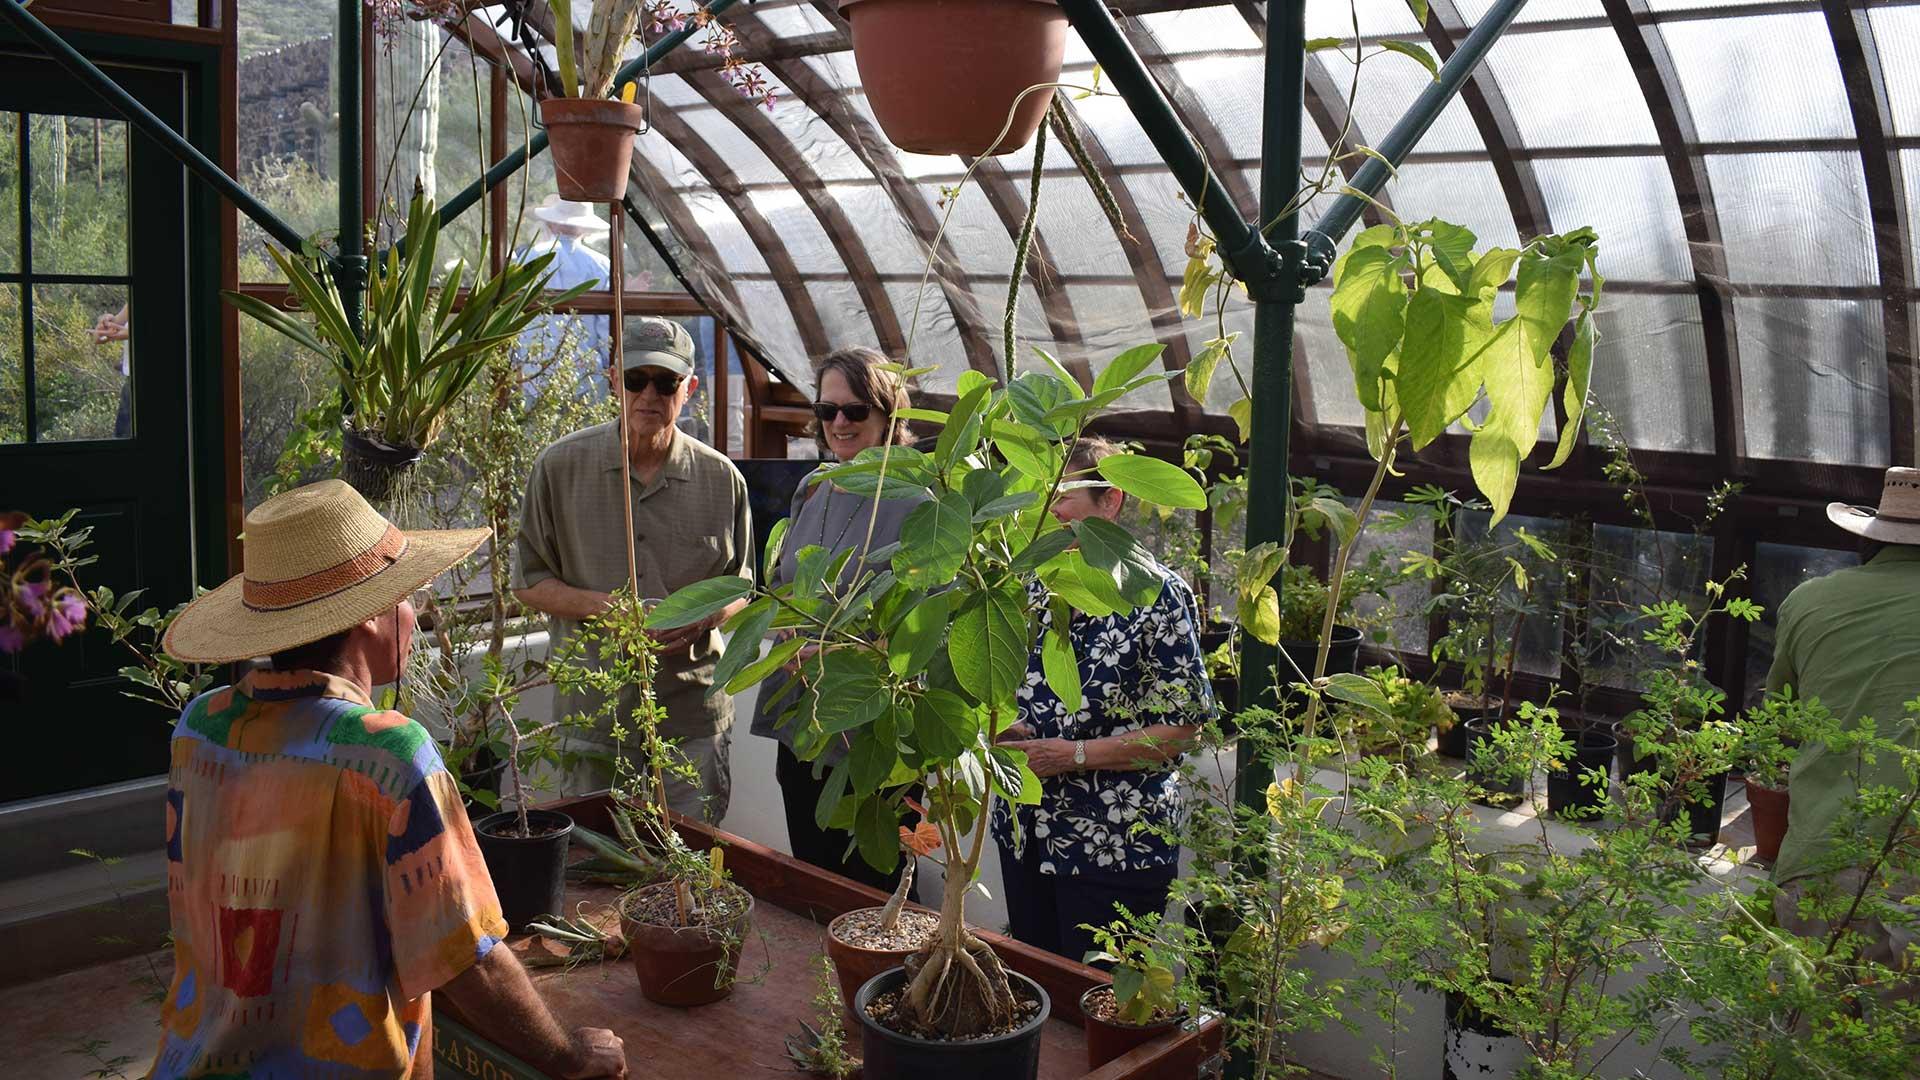 Tumamoc greenhouse 4